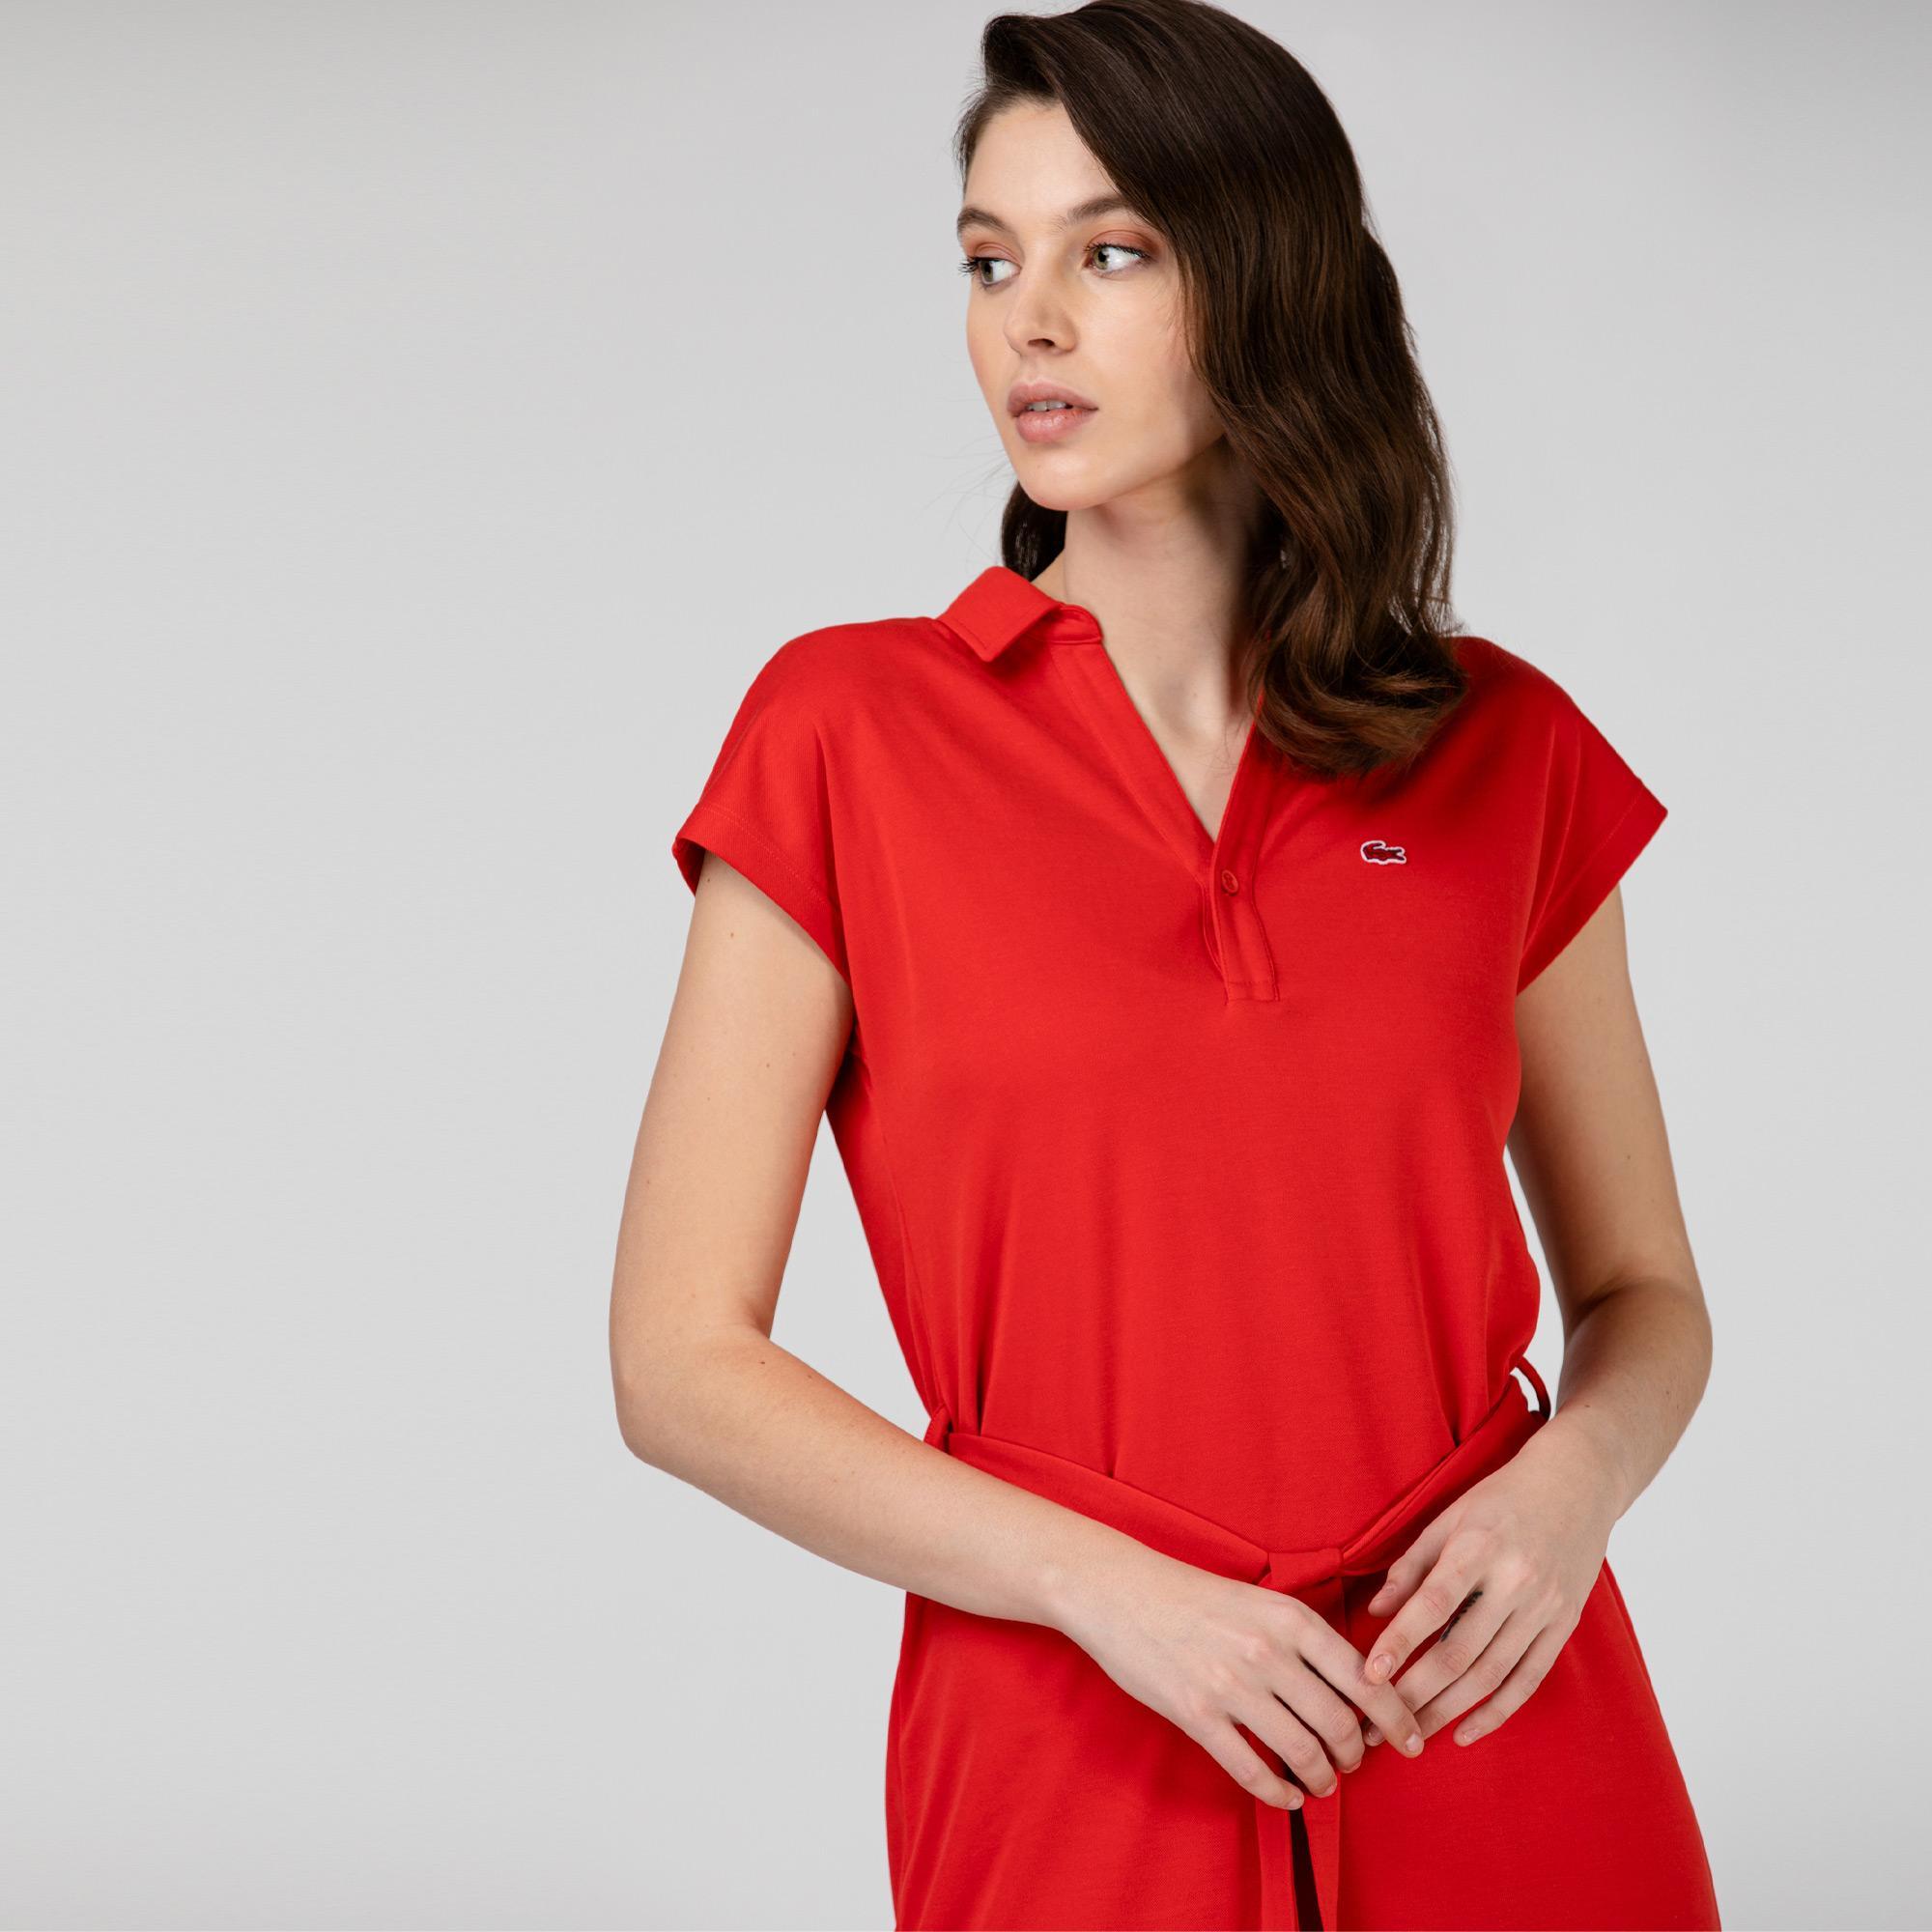 Lacoste Kadın Kısa Kollu Kırmızı Elbise